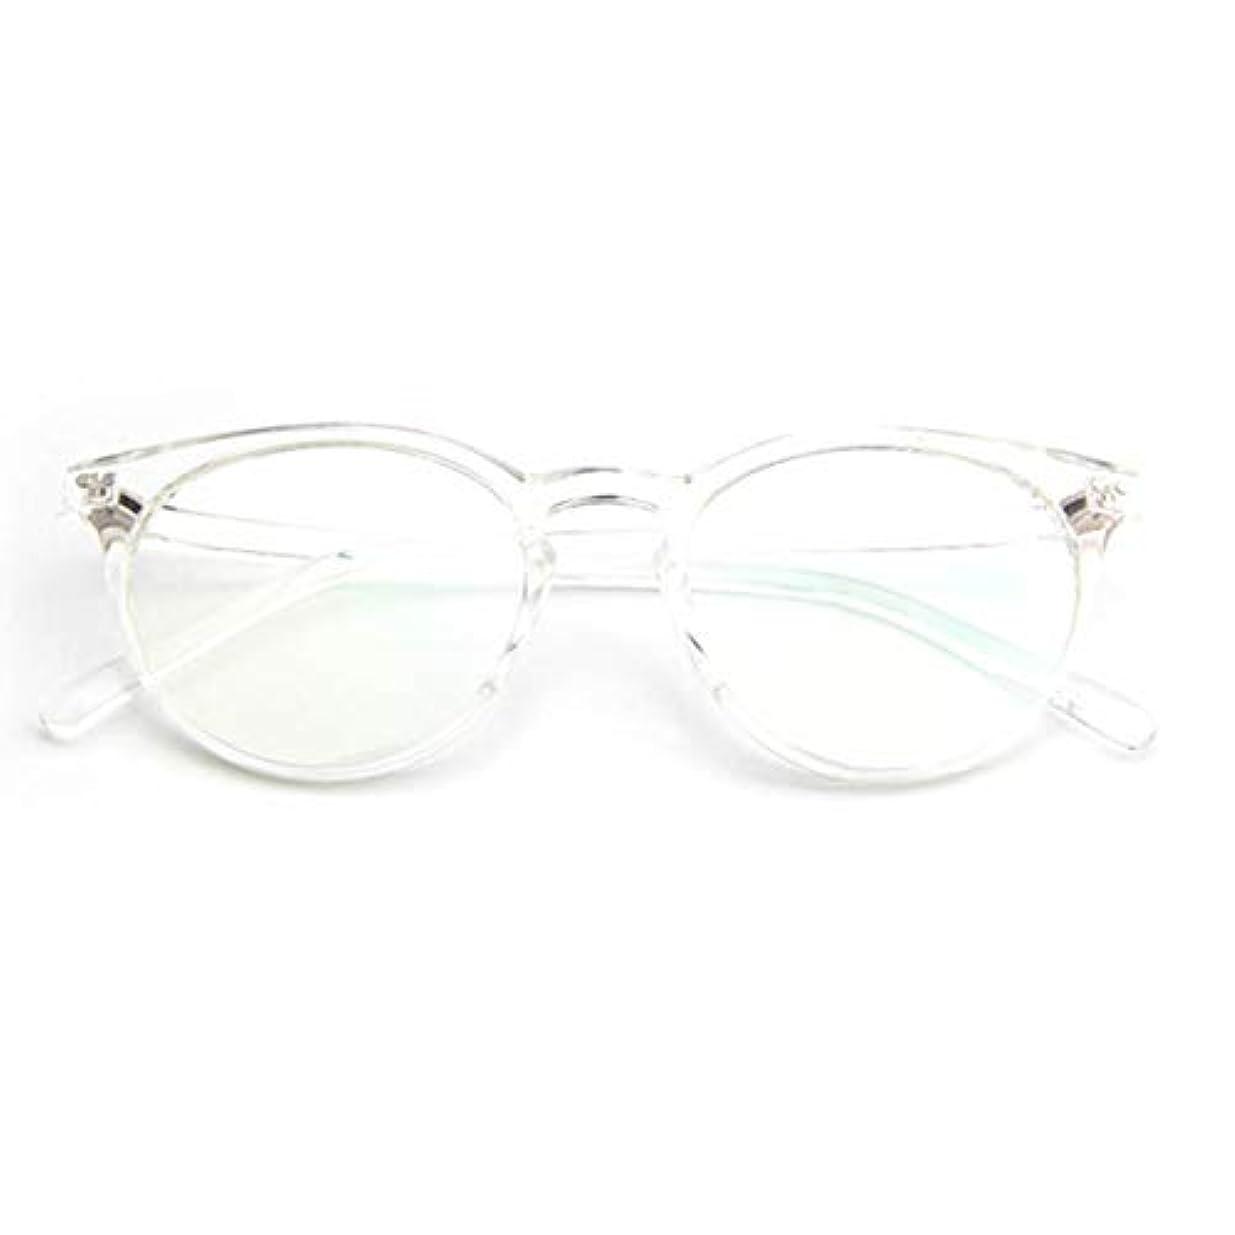 アレンジ政治的プール小さな新鮮な米ネイルフレームレンズレトロ古風な円形フレームファッションフレーム男性用近視眼鏡女性-透明な白